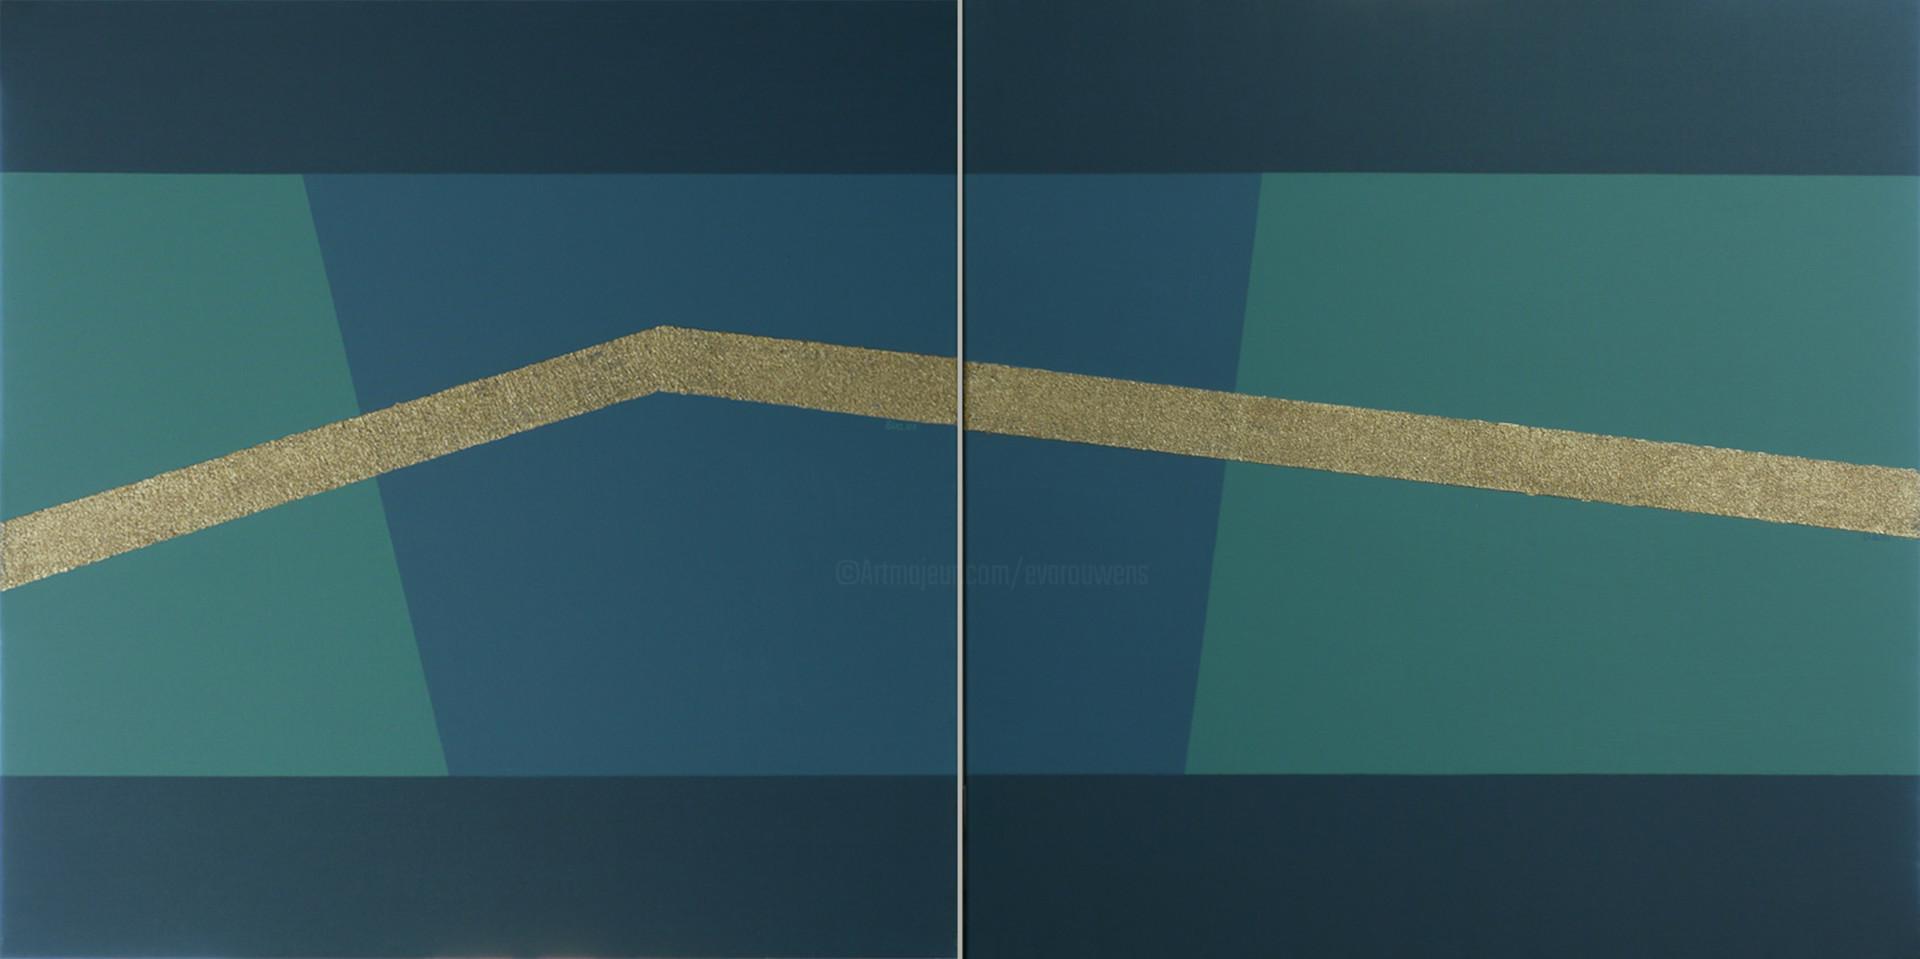 EVA ROUWENS - LA LIGNE BLEUE 1 & 2 - 160 x 80 cm